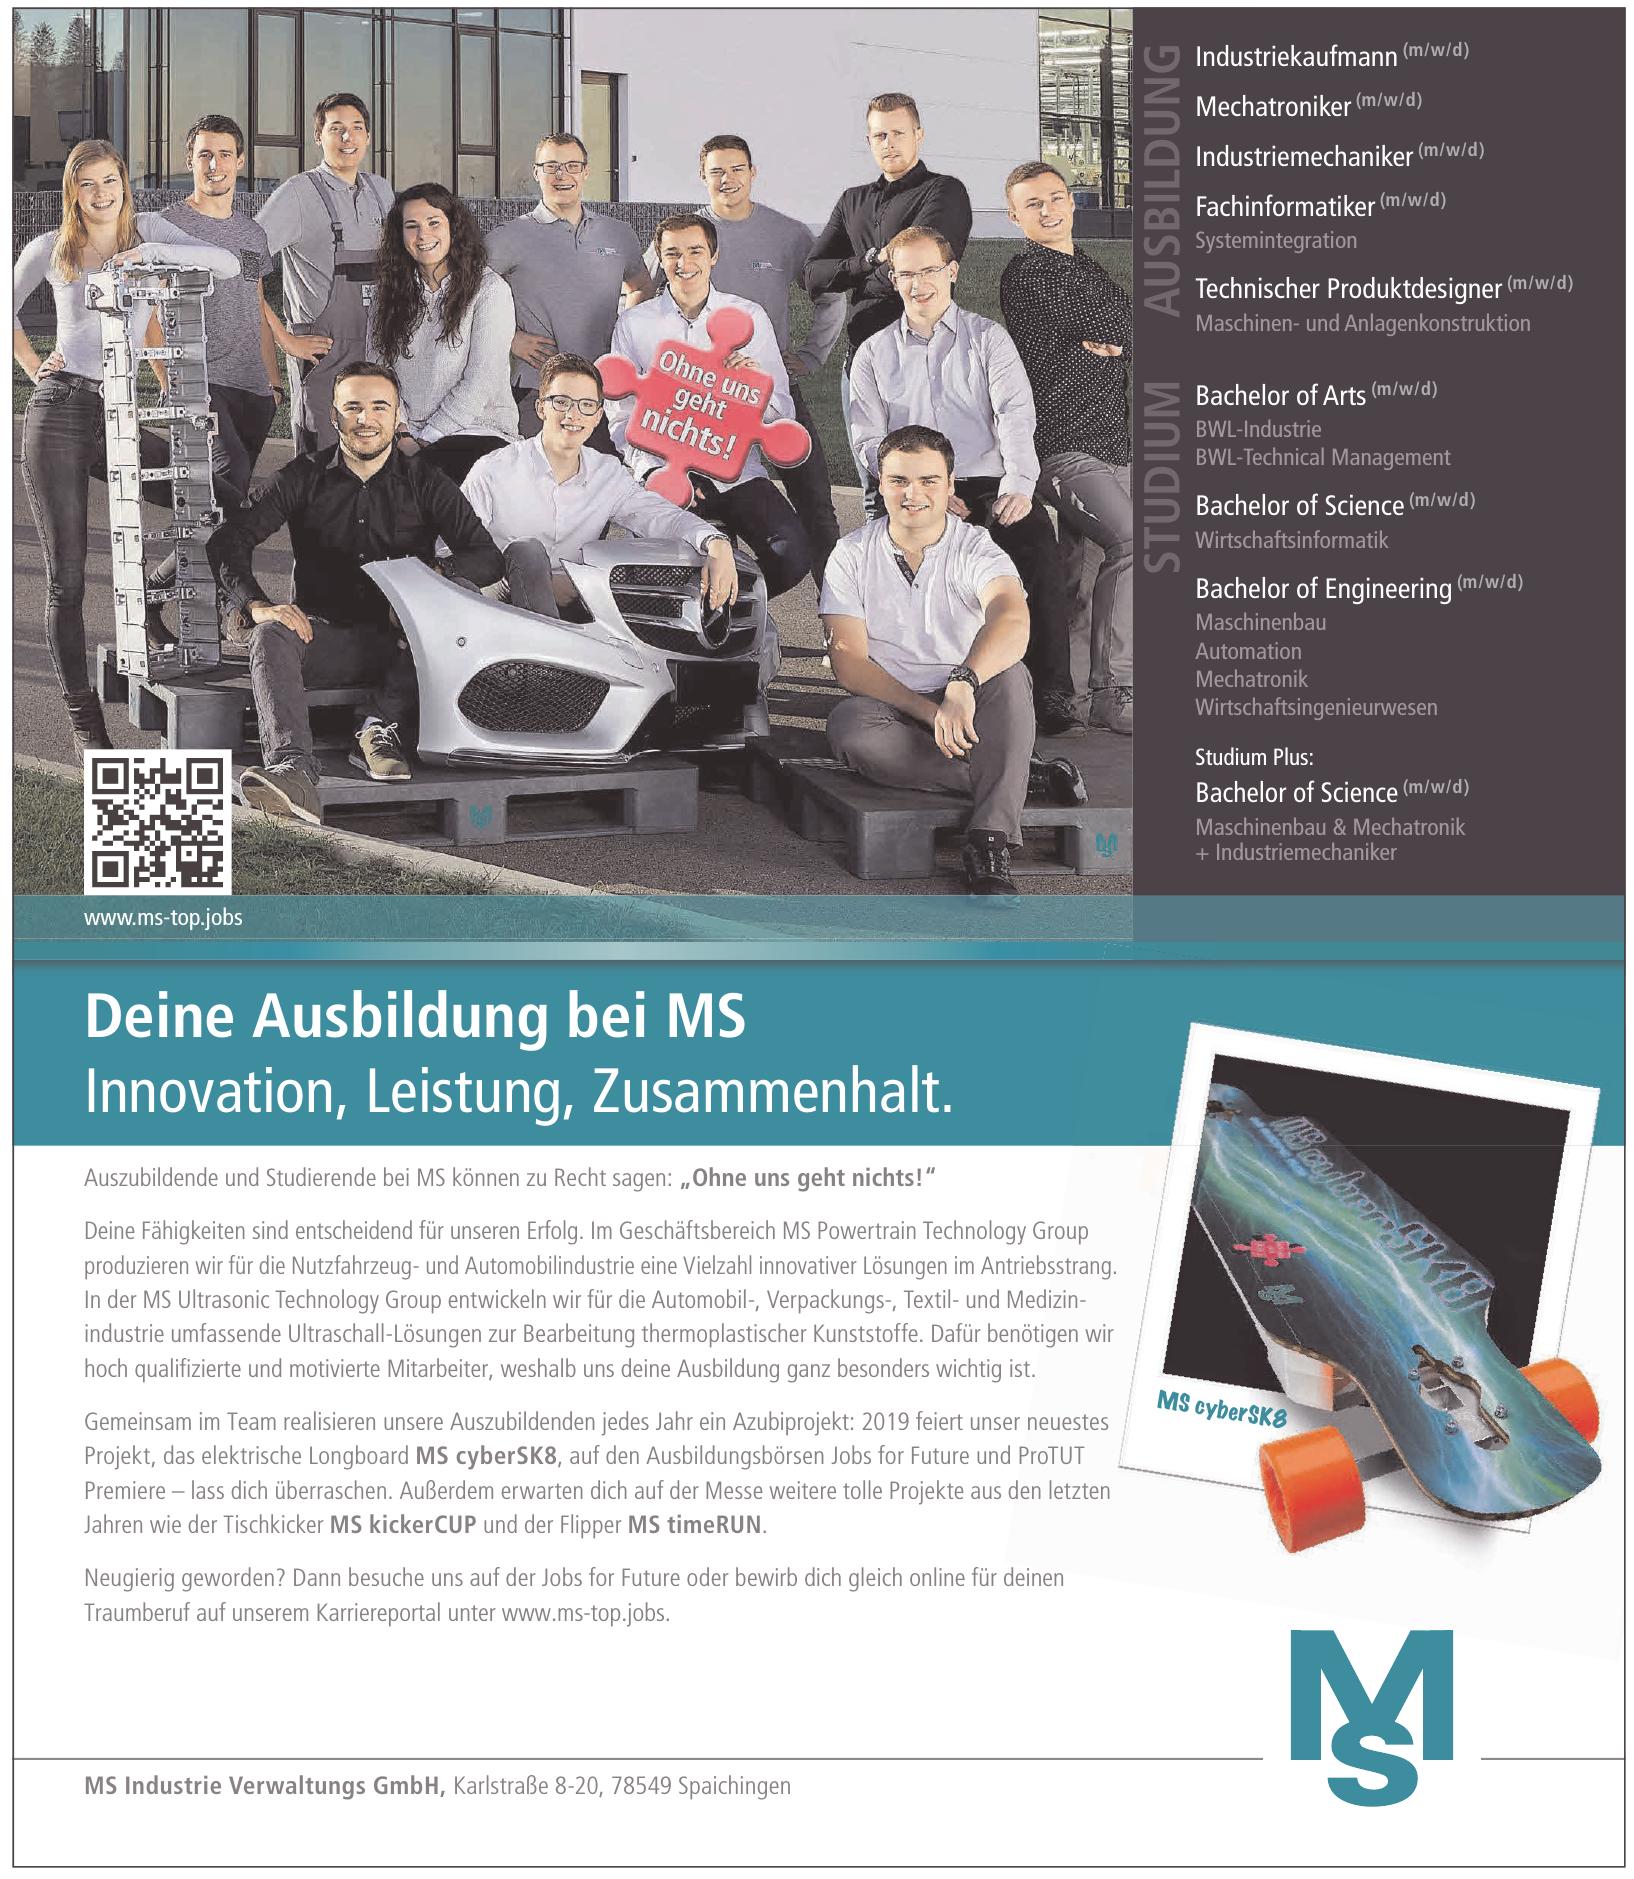 MS Industrie Verwaltungs GmbH